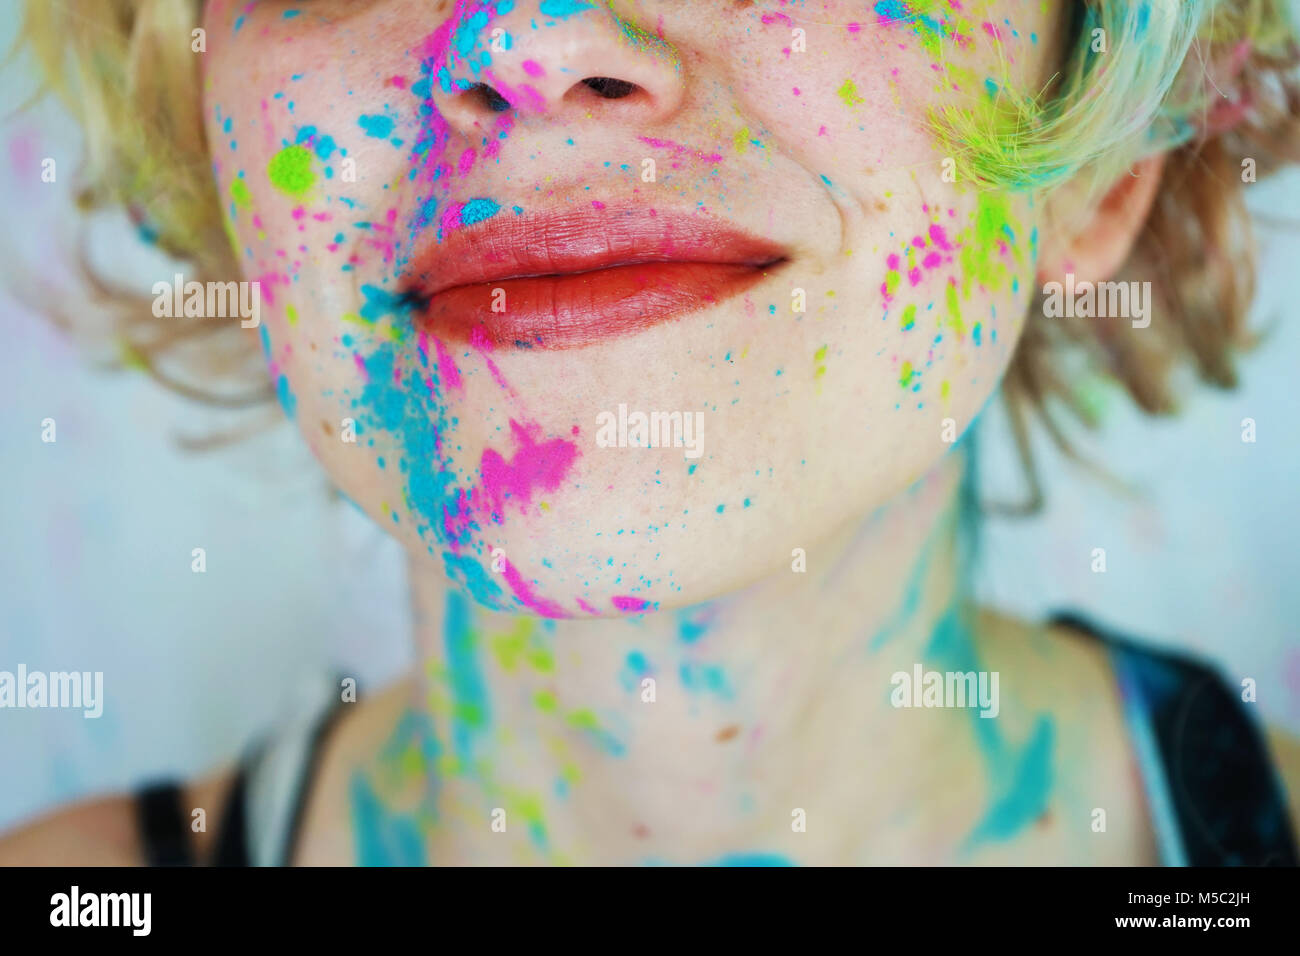 Belle jeune femme avec de la peinture dans son visage Photo Stock